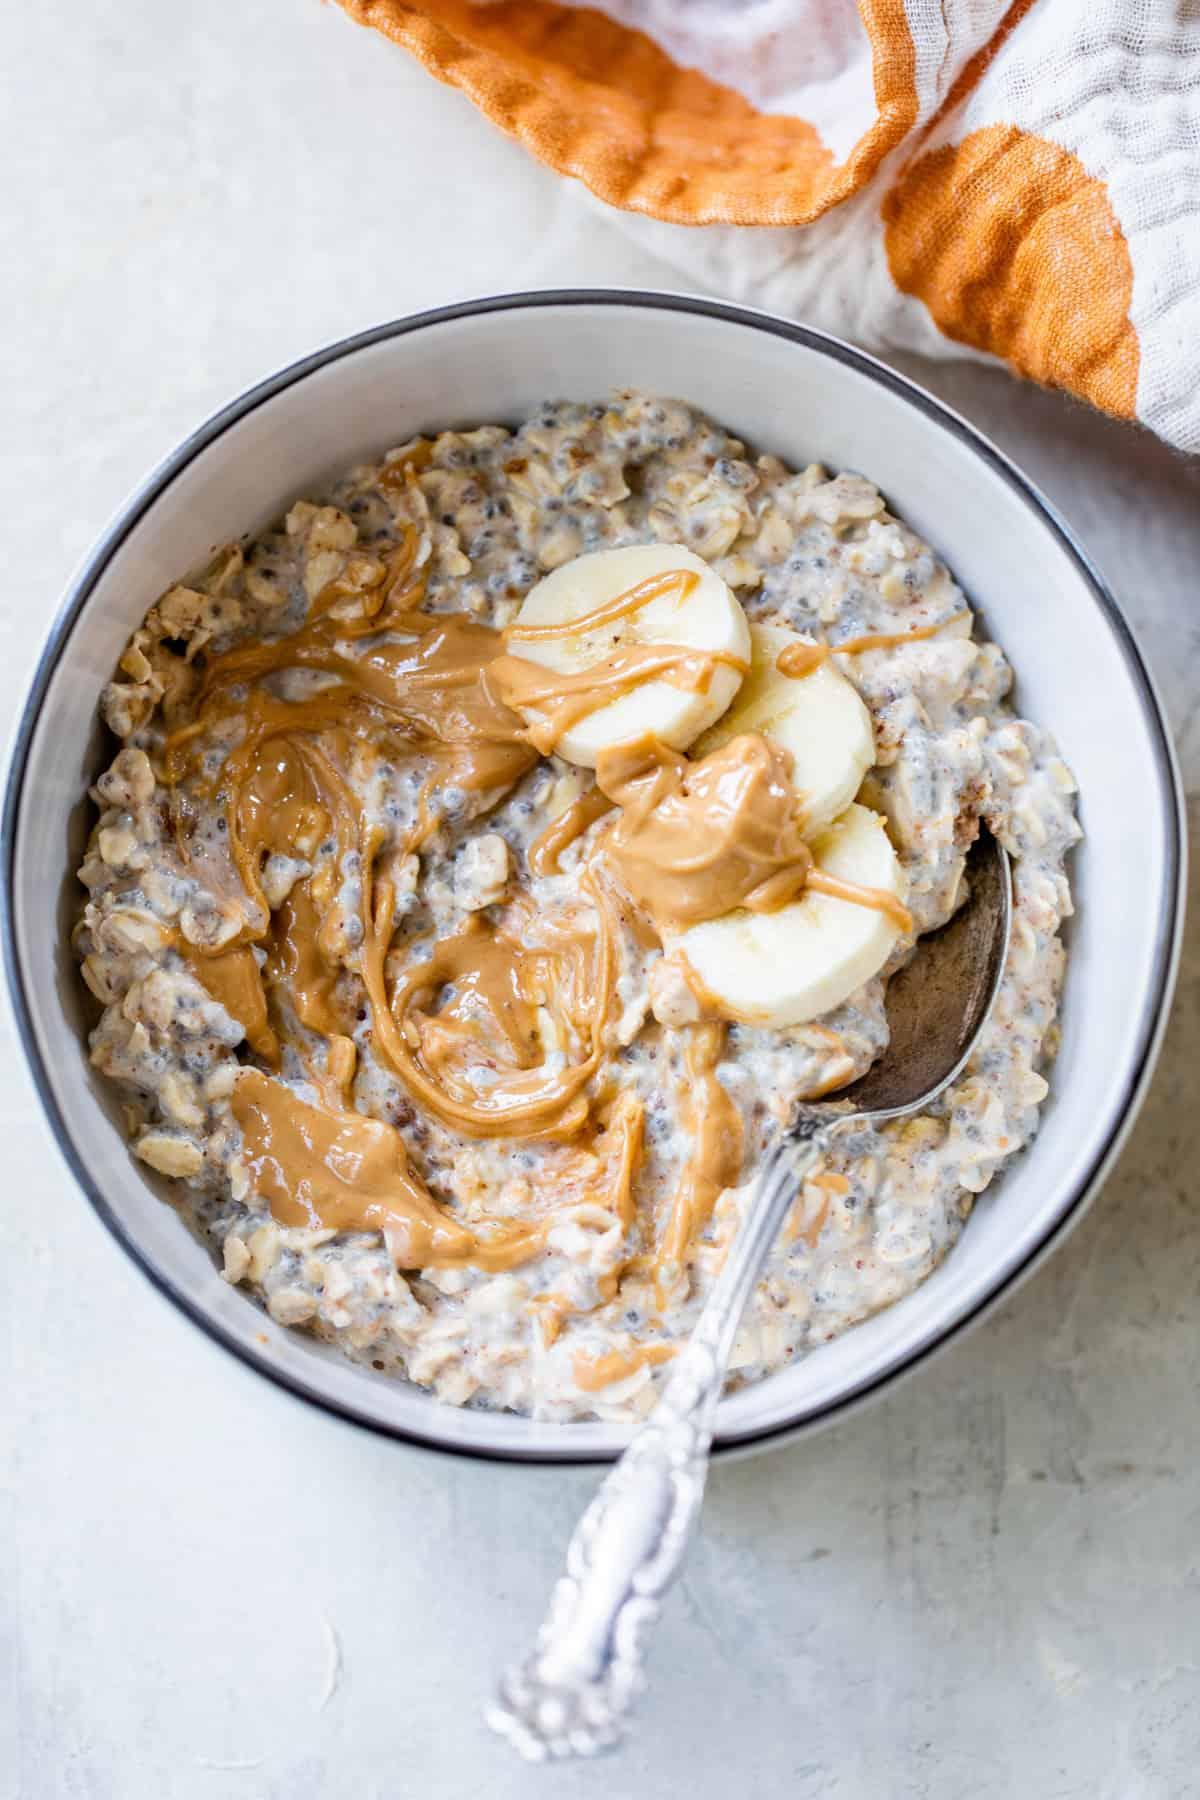 bowl of banana overnight oats